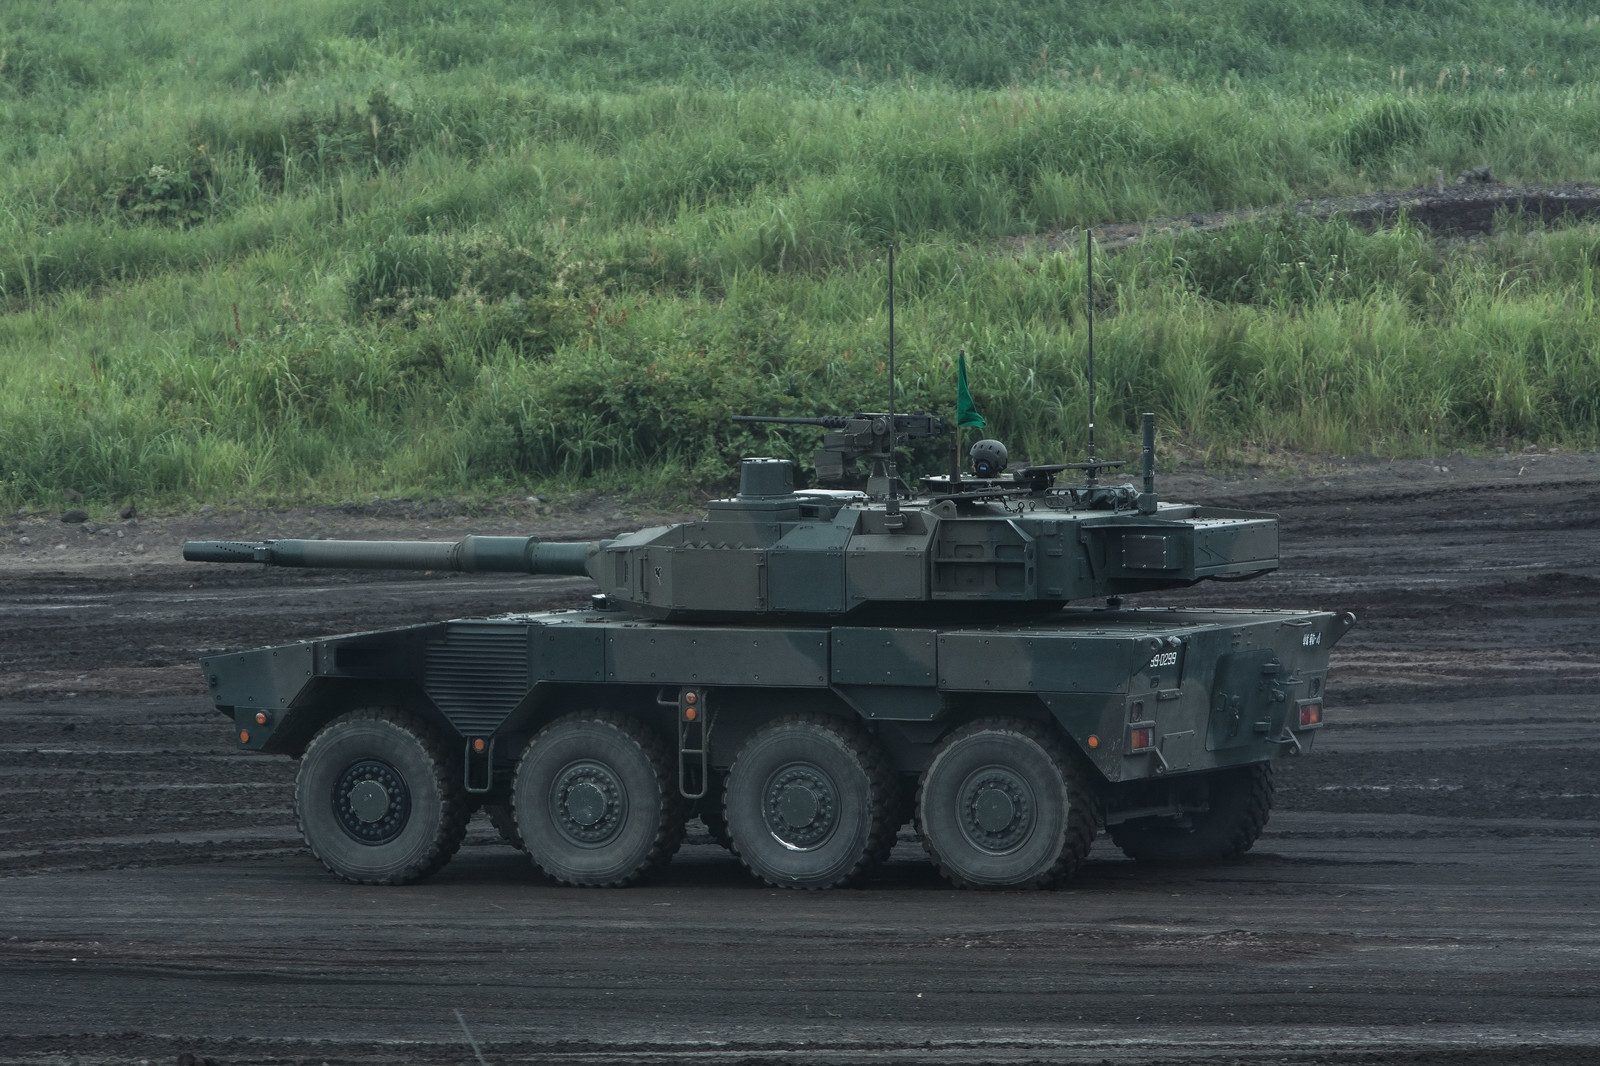 「次世代陸自の新装備 16式機動戦闘車(MCV)次世代陸自の新装備 16式機動戦闘車(MCV)」のフリー写真素材を拡大